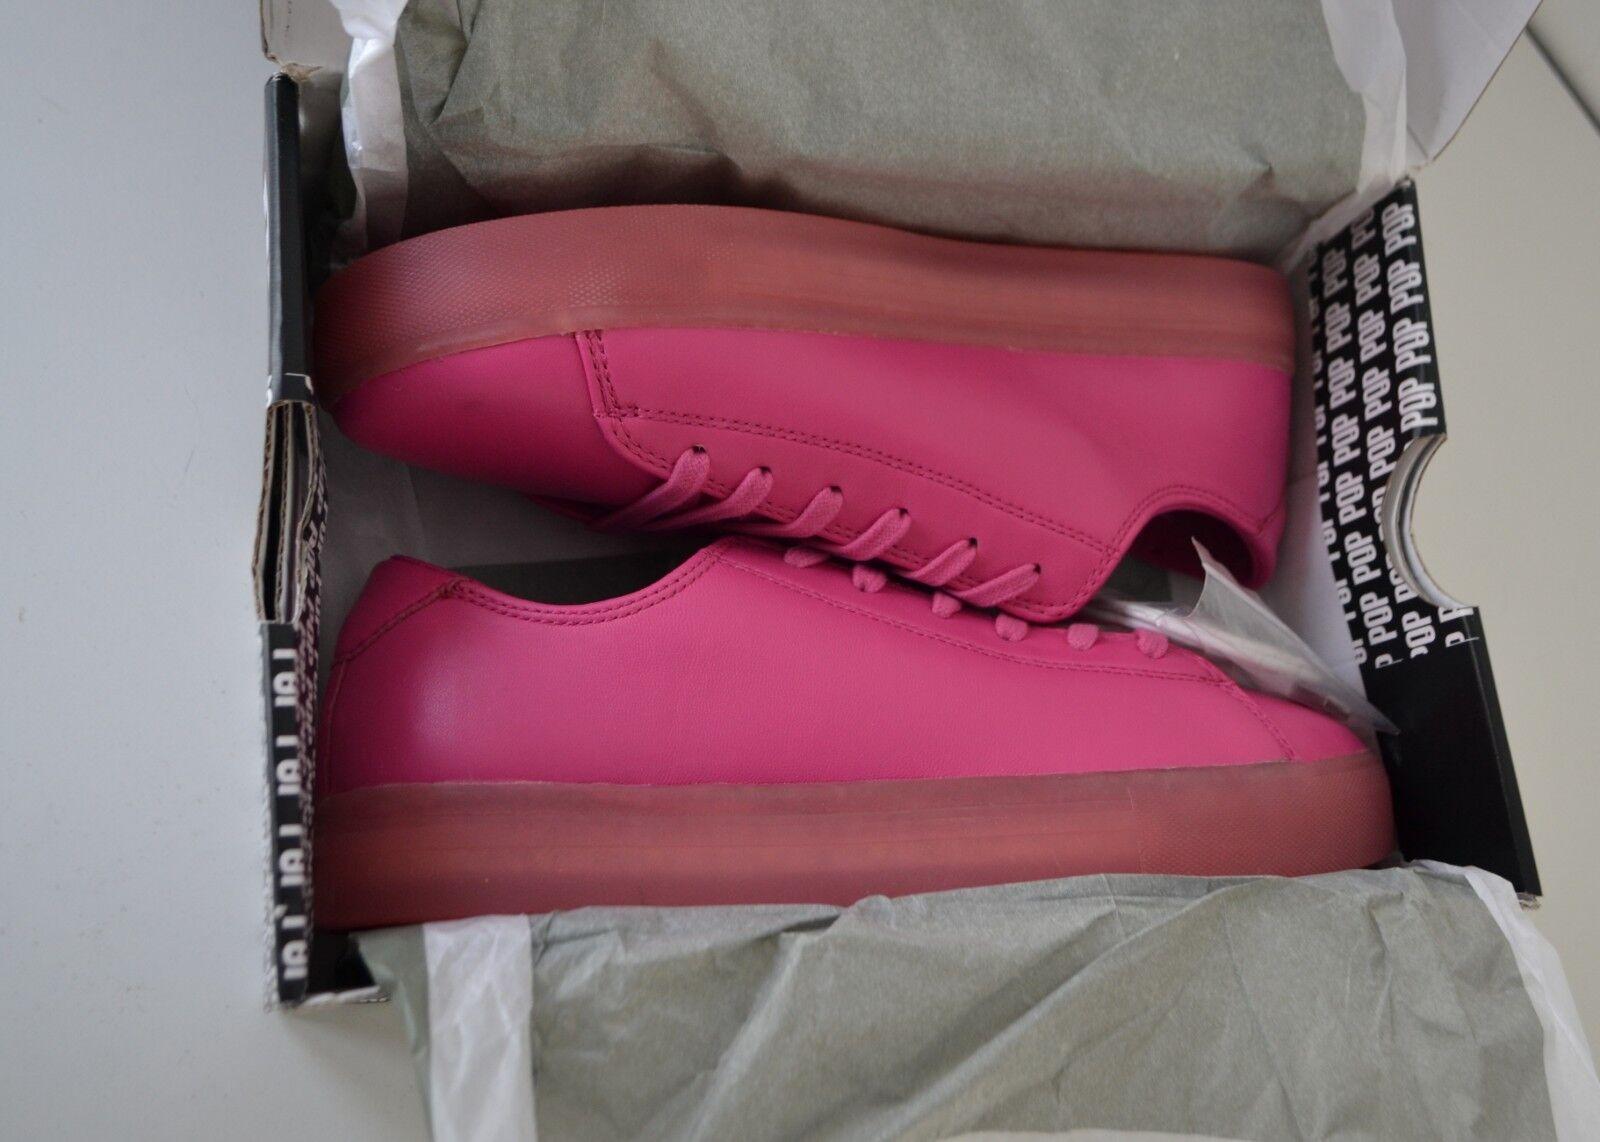 rosadoy Luz pop-ups, Zapatillas de deporte, tamaño 10, rosado rosado rosado Fizz, Zapatos, Baja Pop Pop  ganancia cero